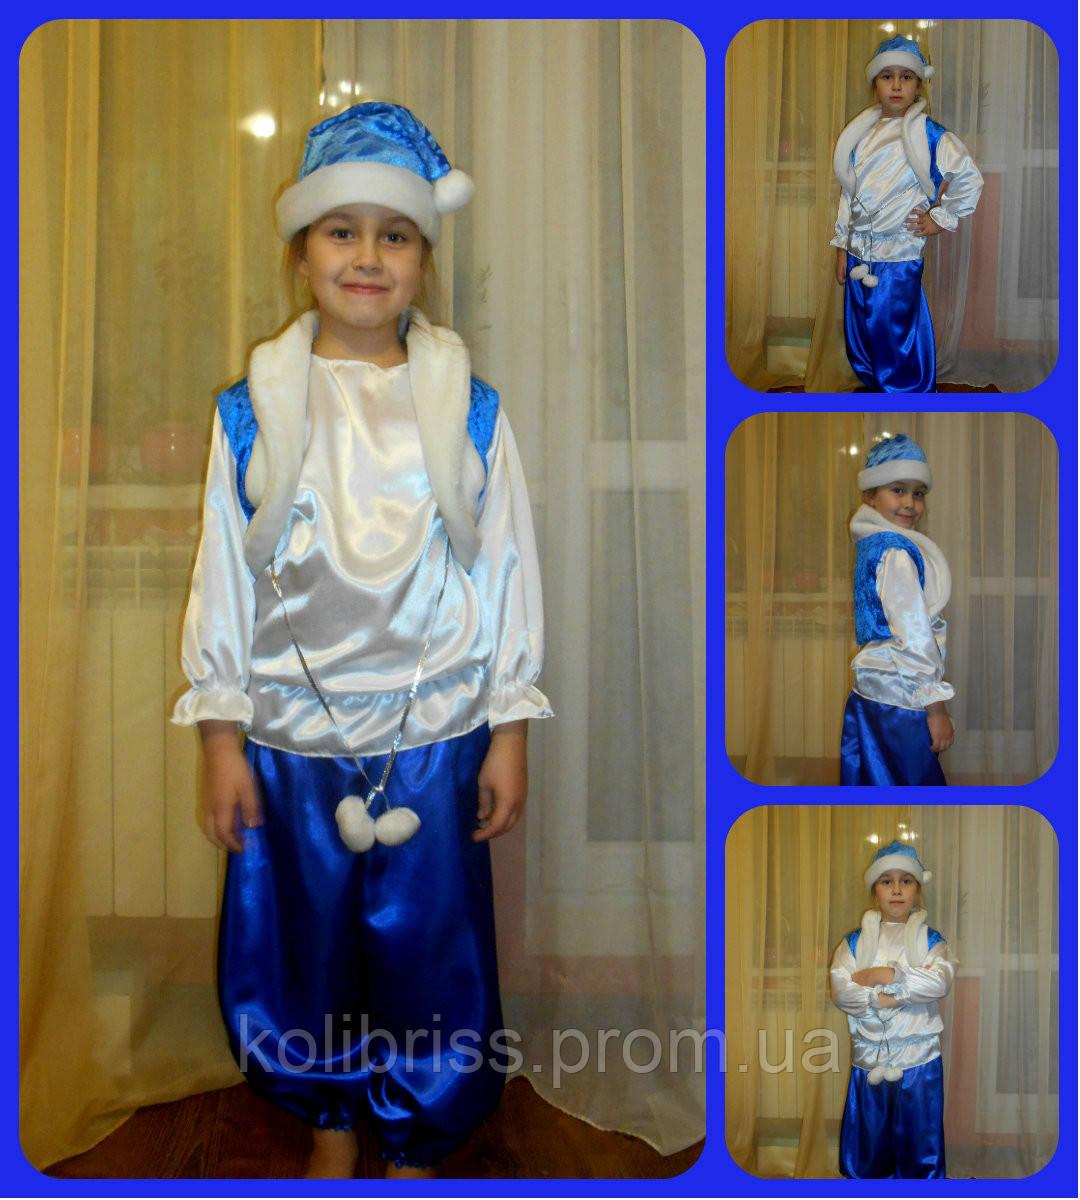 Карнавальный костюм нового года прокат Киев. Костюм зимний месяц прокат